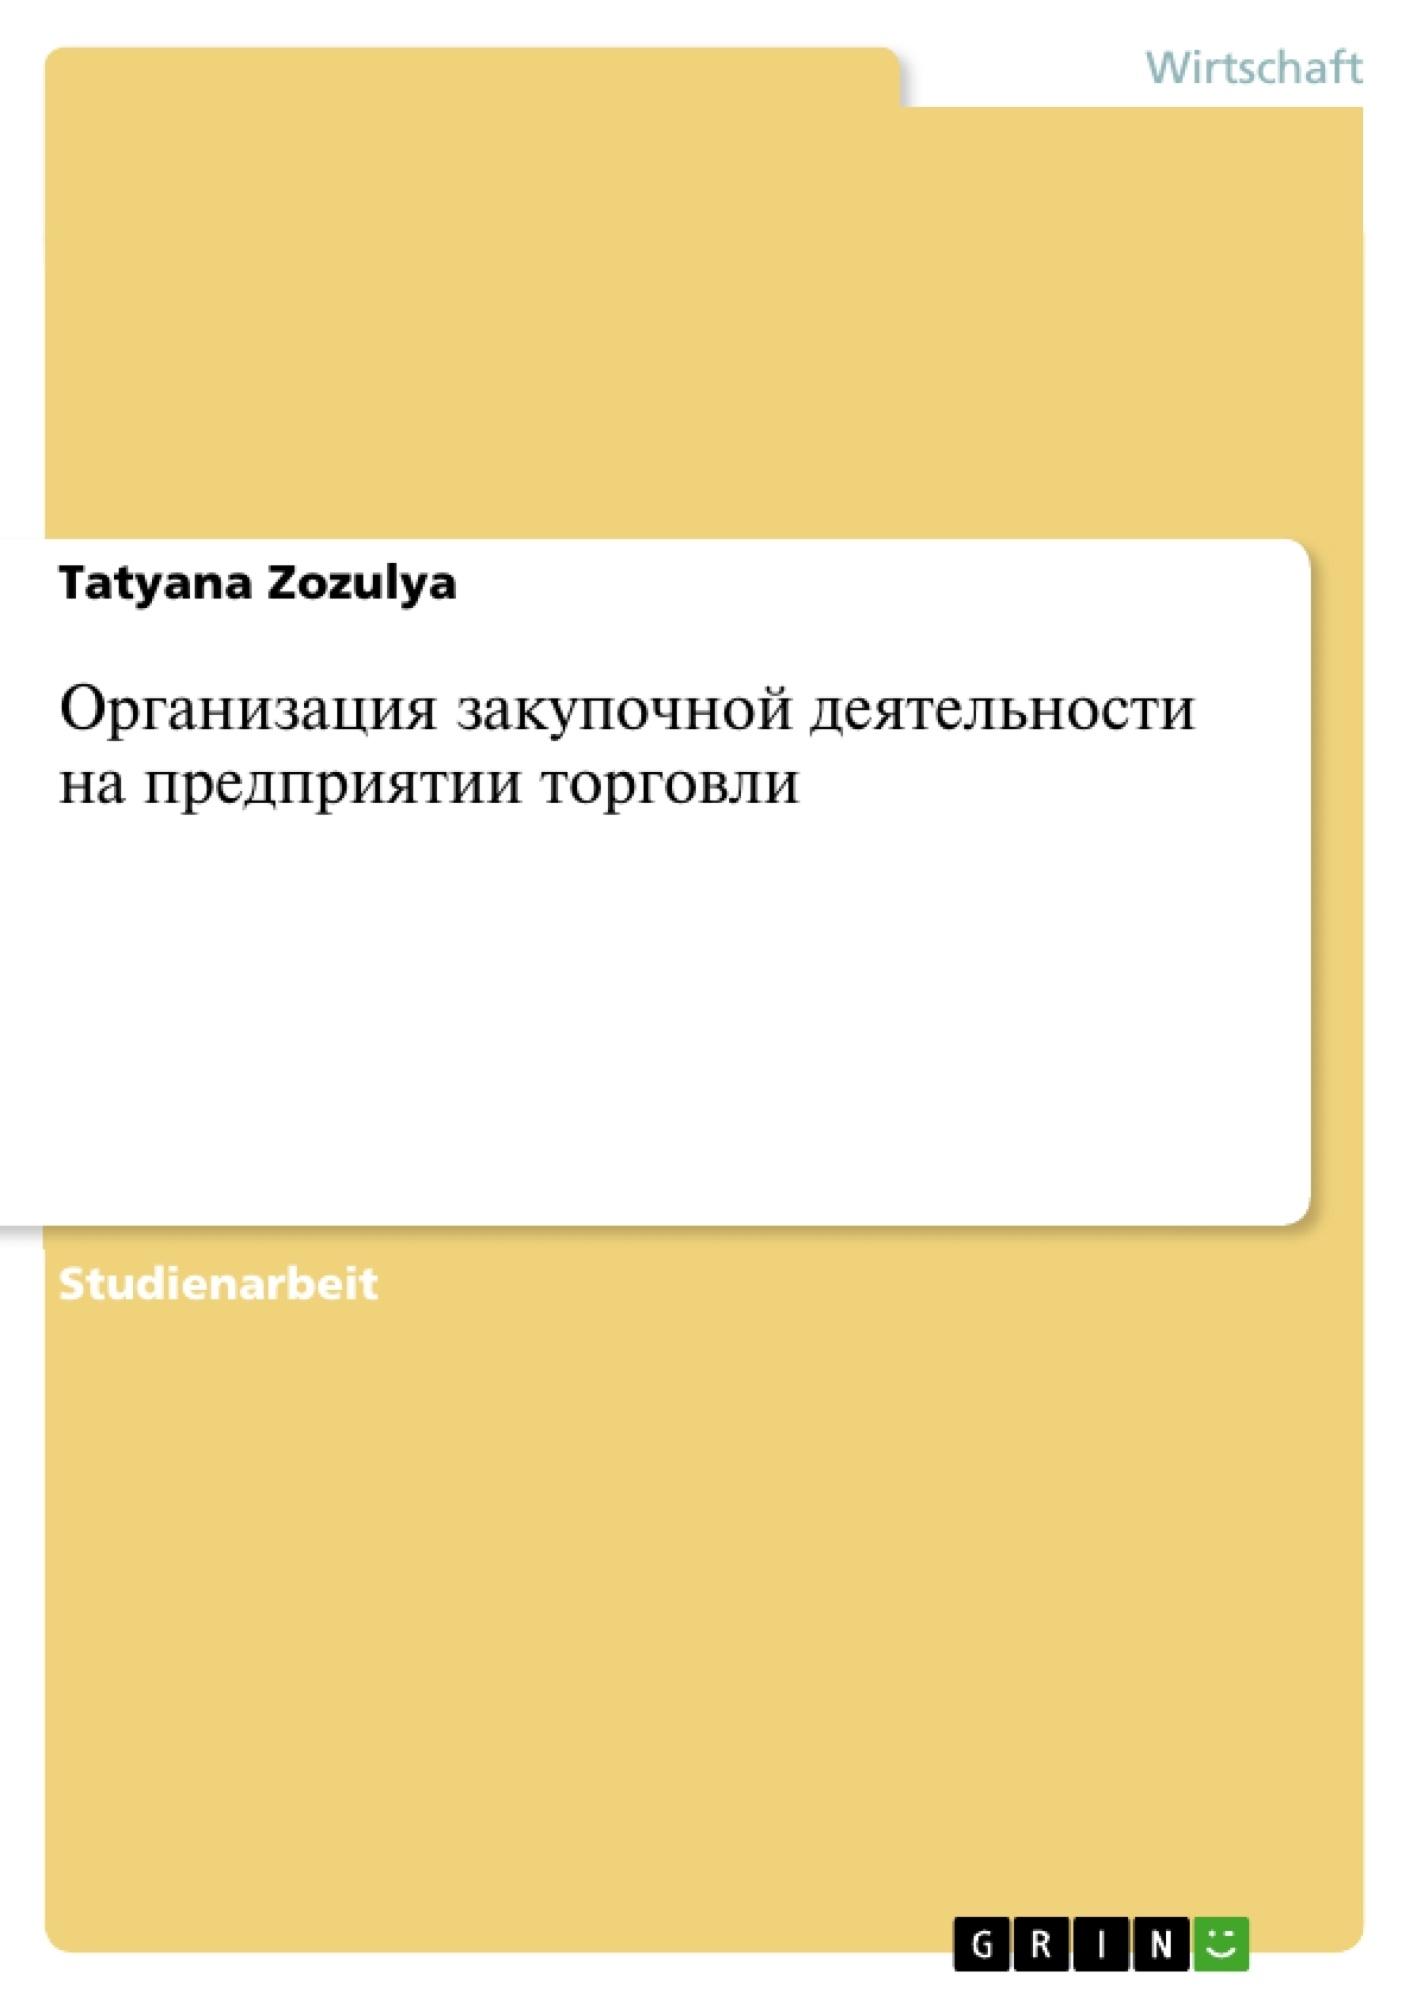 Titel: Организация закупочной деятельности на предприятии торговли